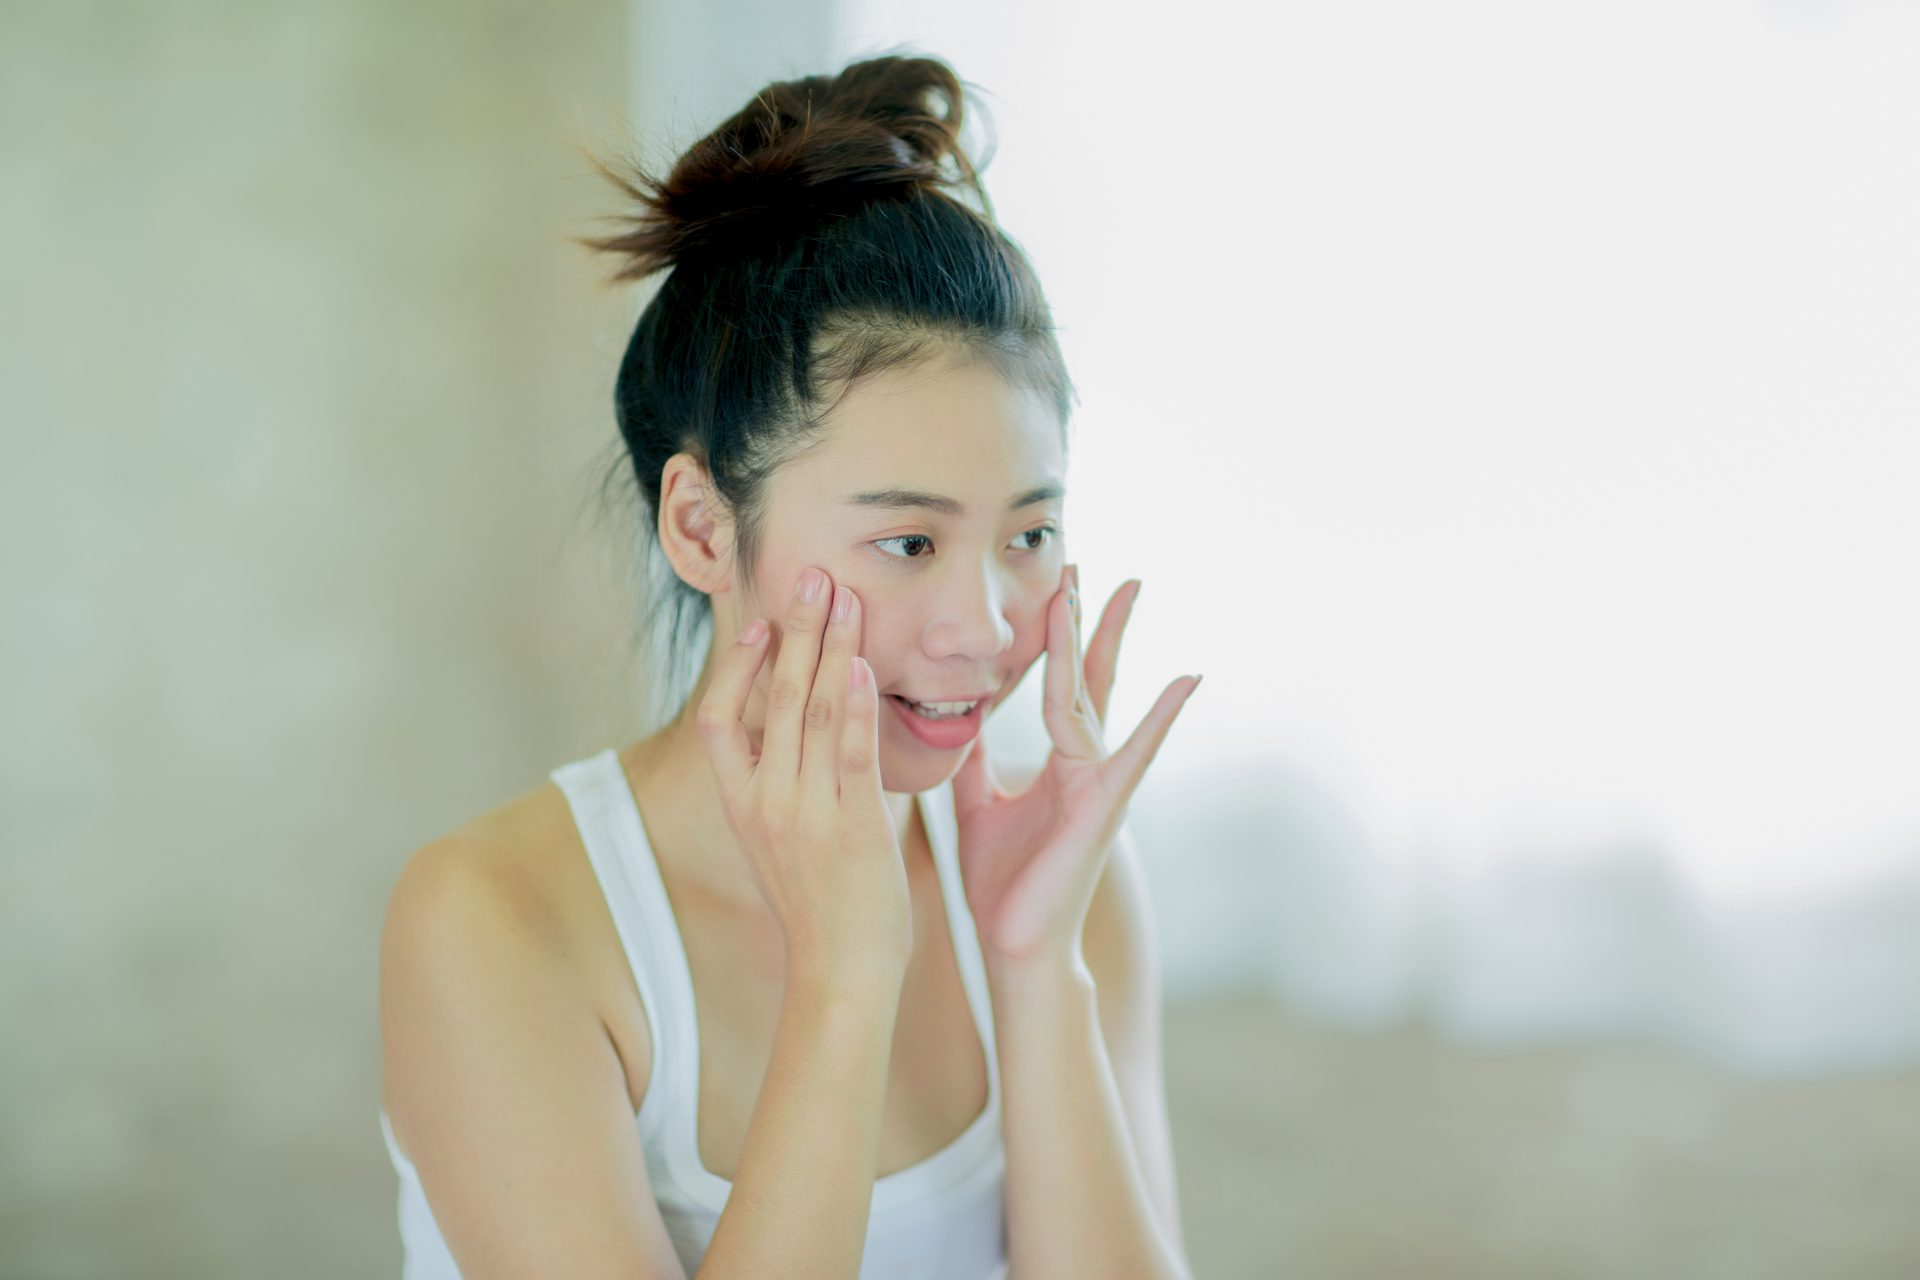 手に頬をあて、鏡を見る女性